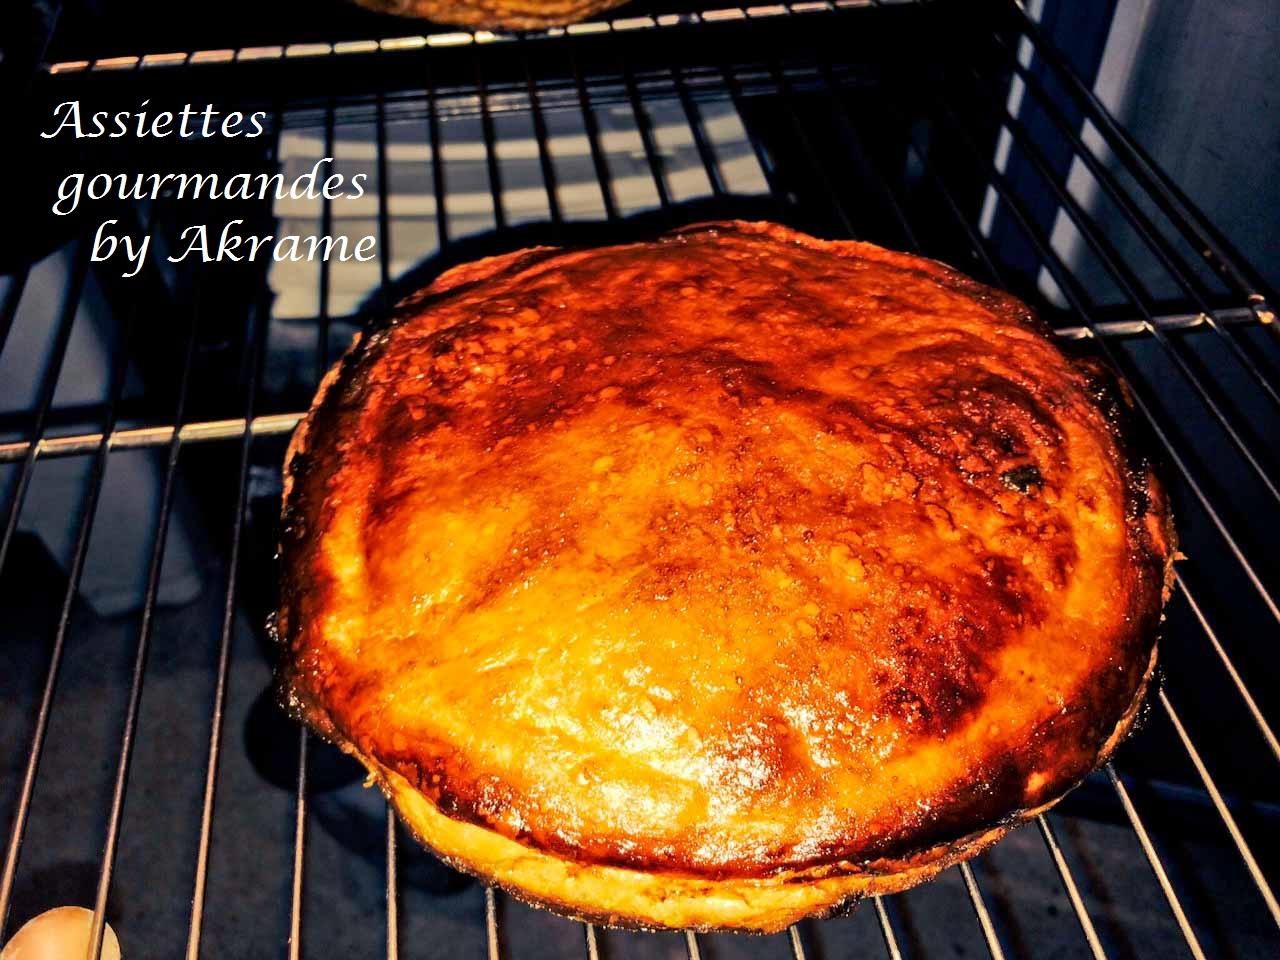 Akrame et sa recette de Galette des Rois (frangipane sans beurre)